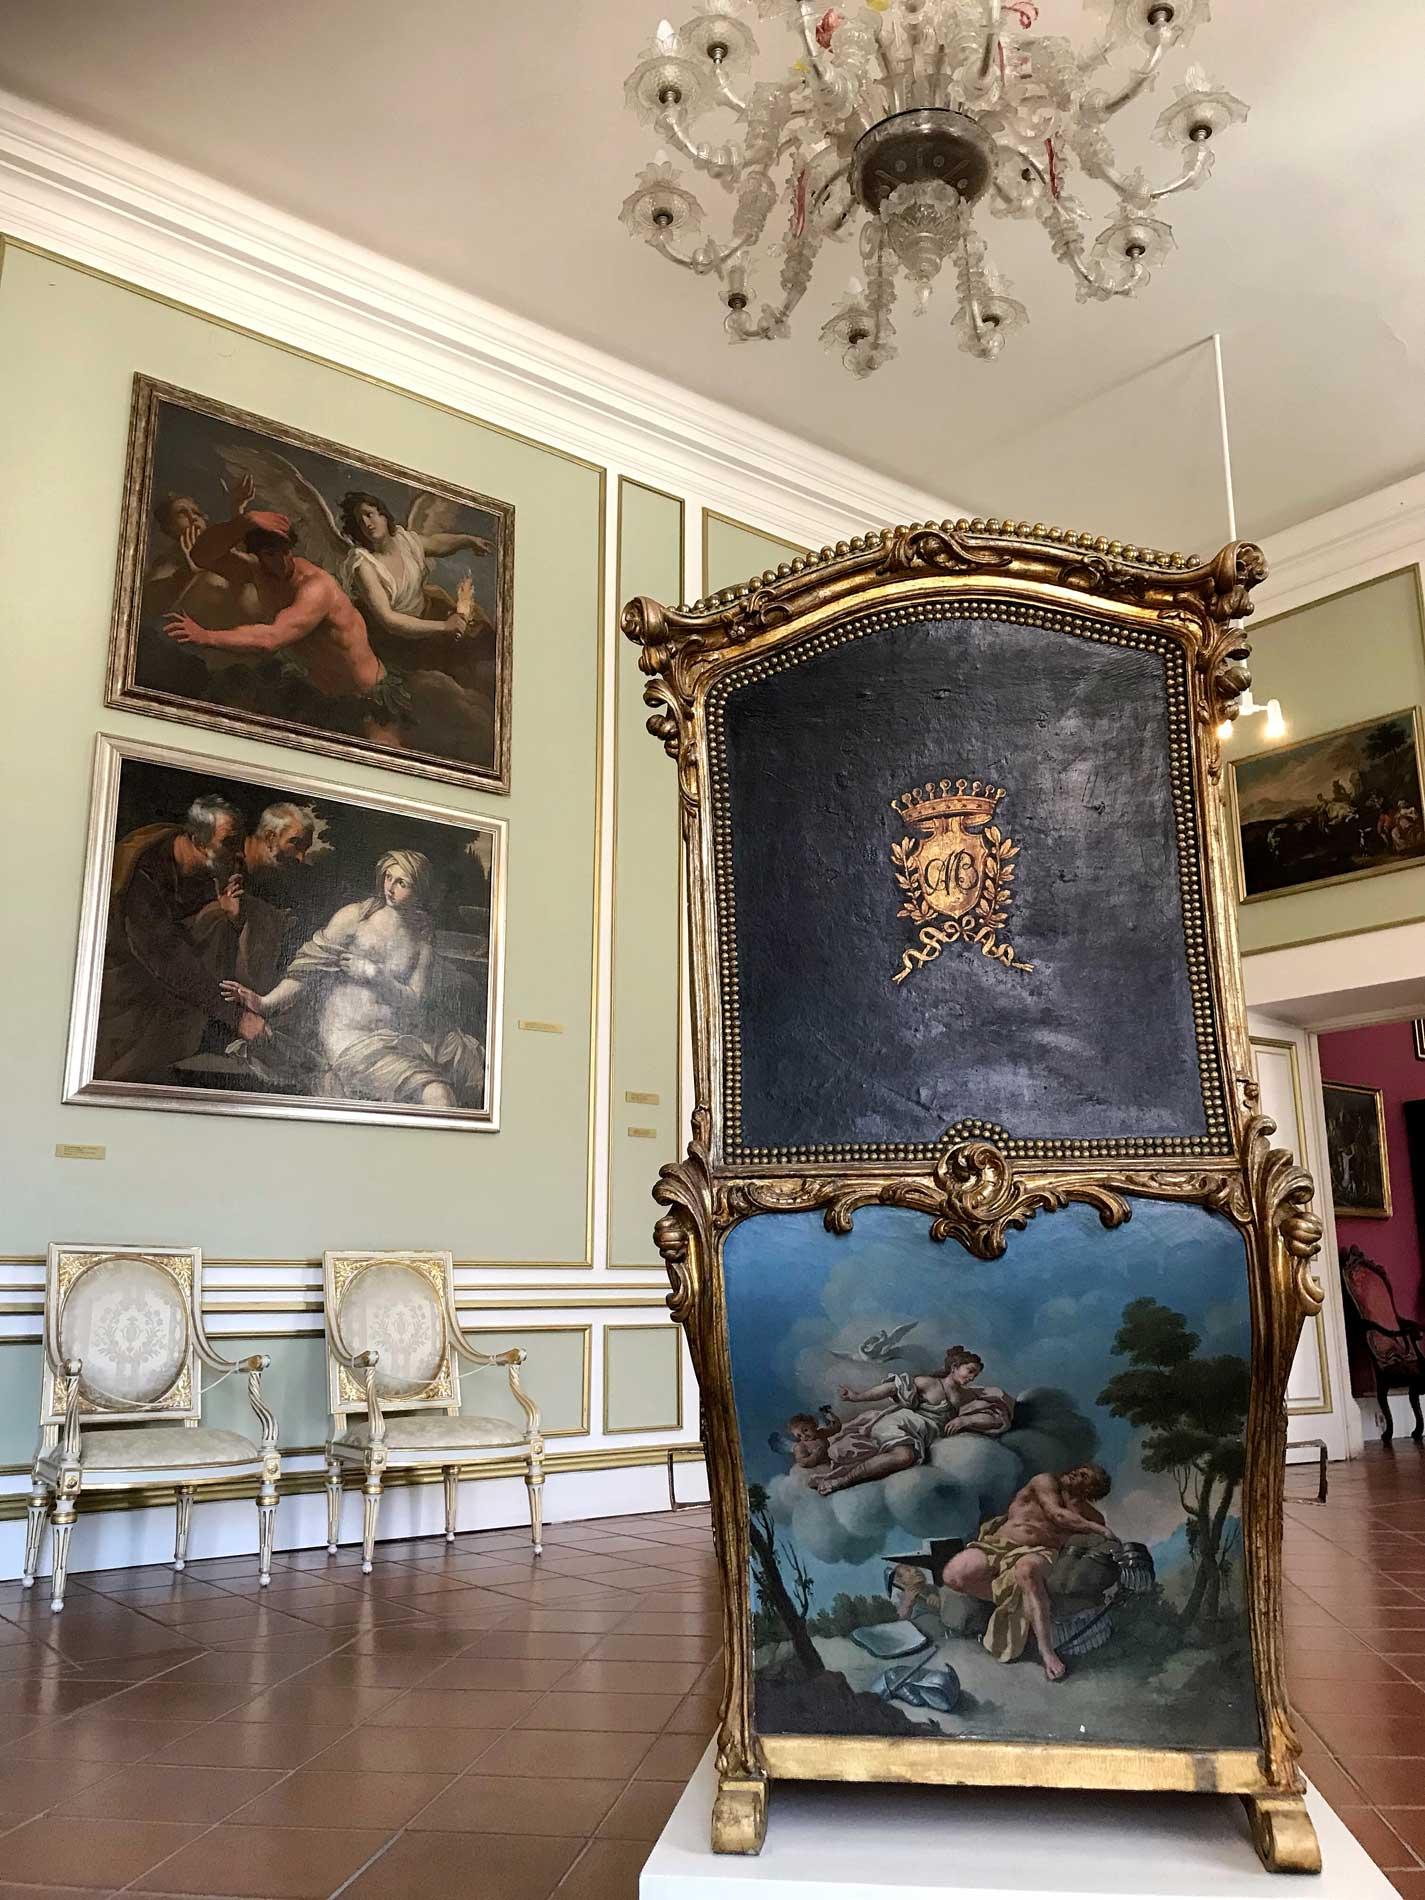 Dubrovnik-Croazia-Palazzo-dei-rettori-stanza-stile-rococo-portantina